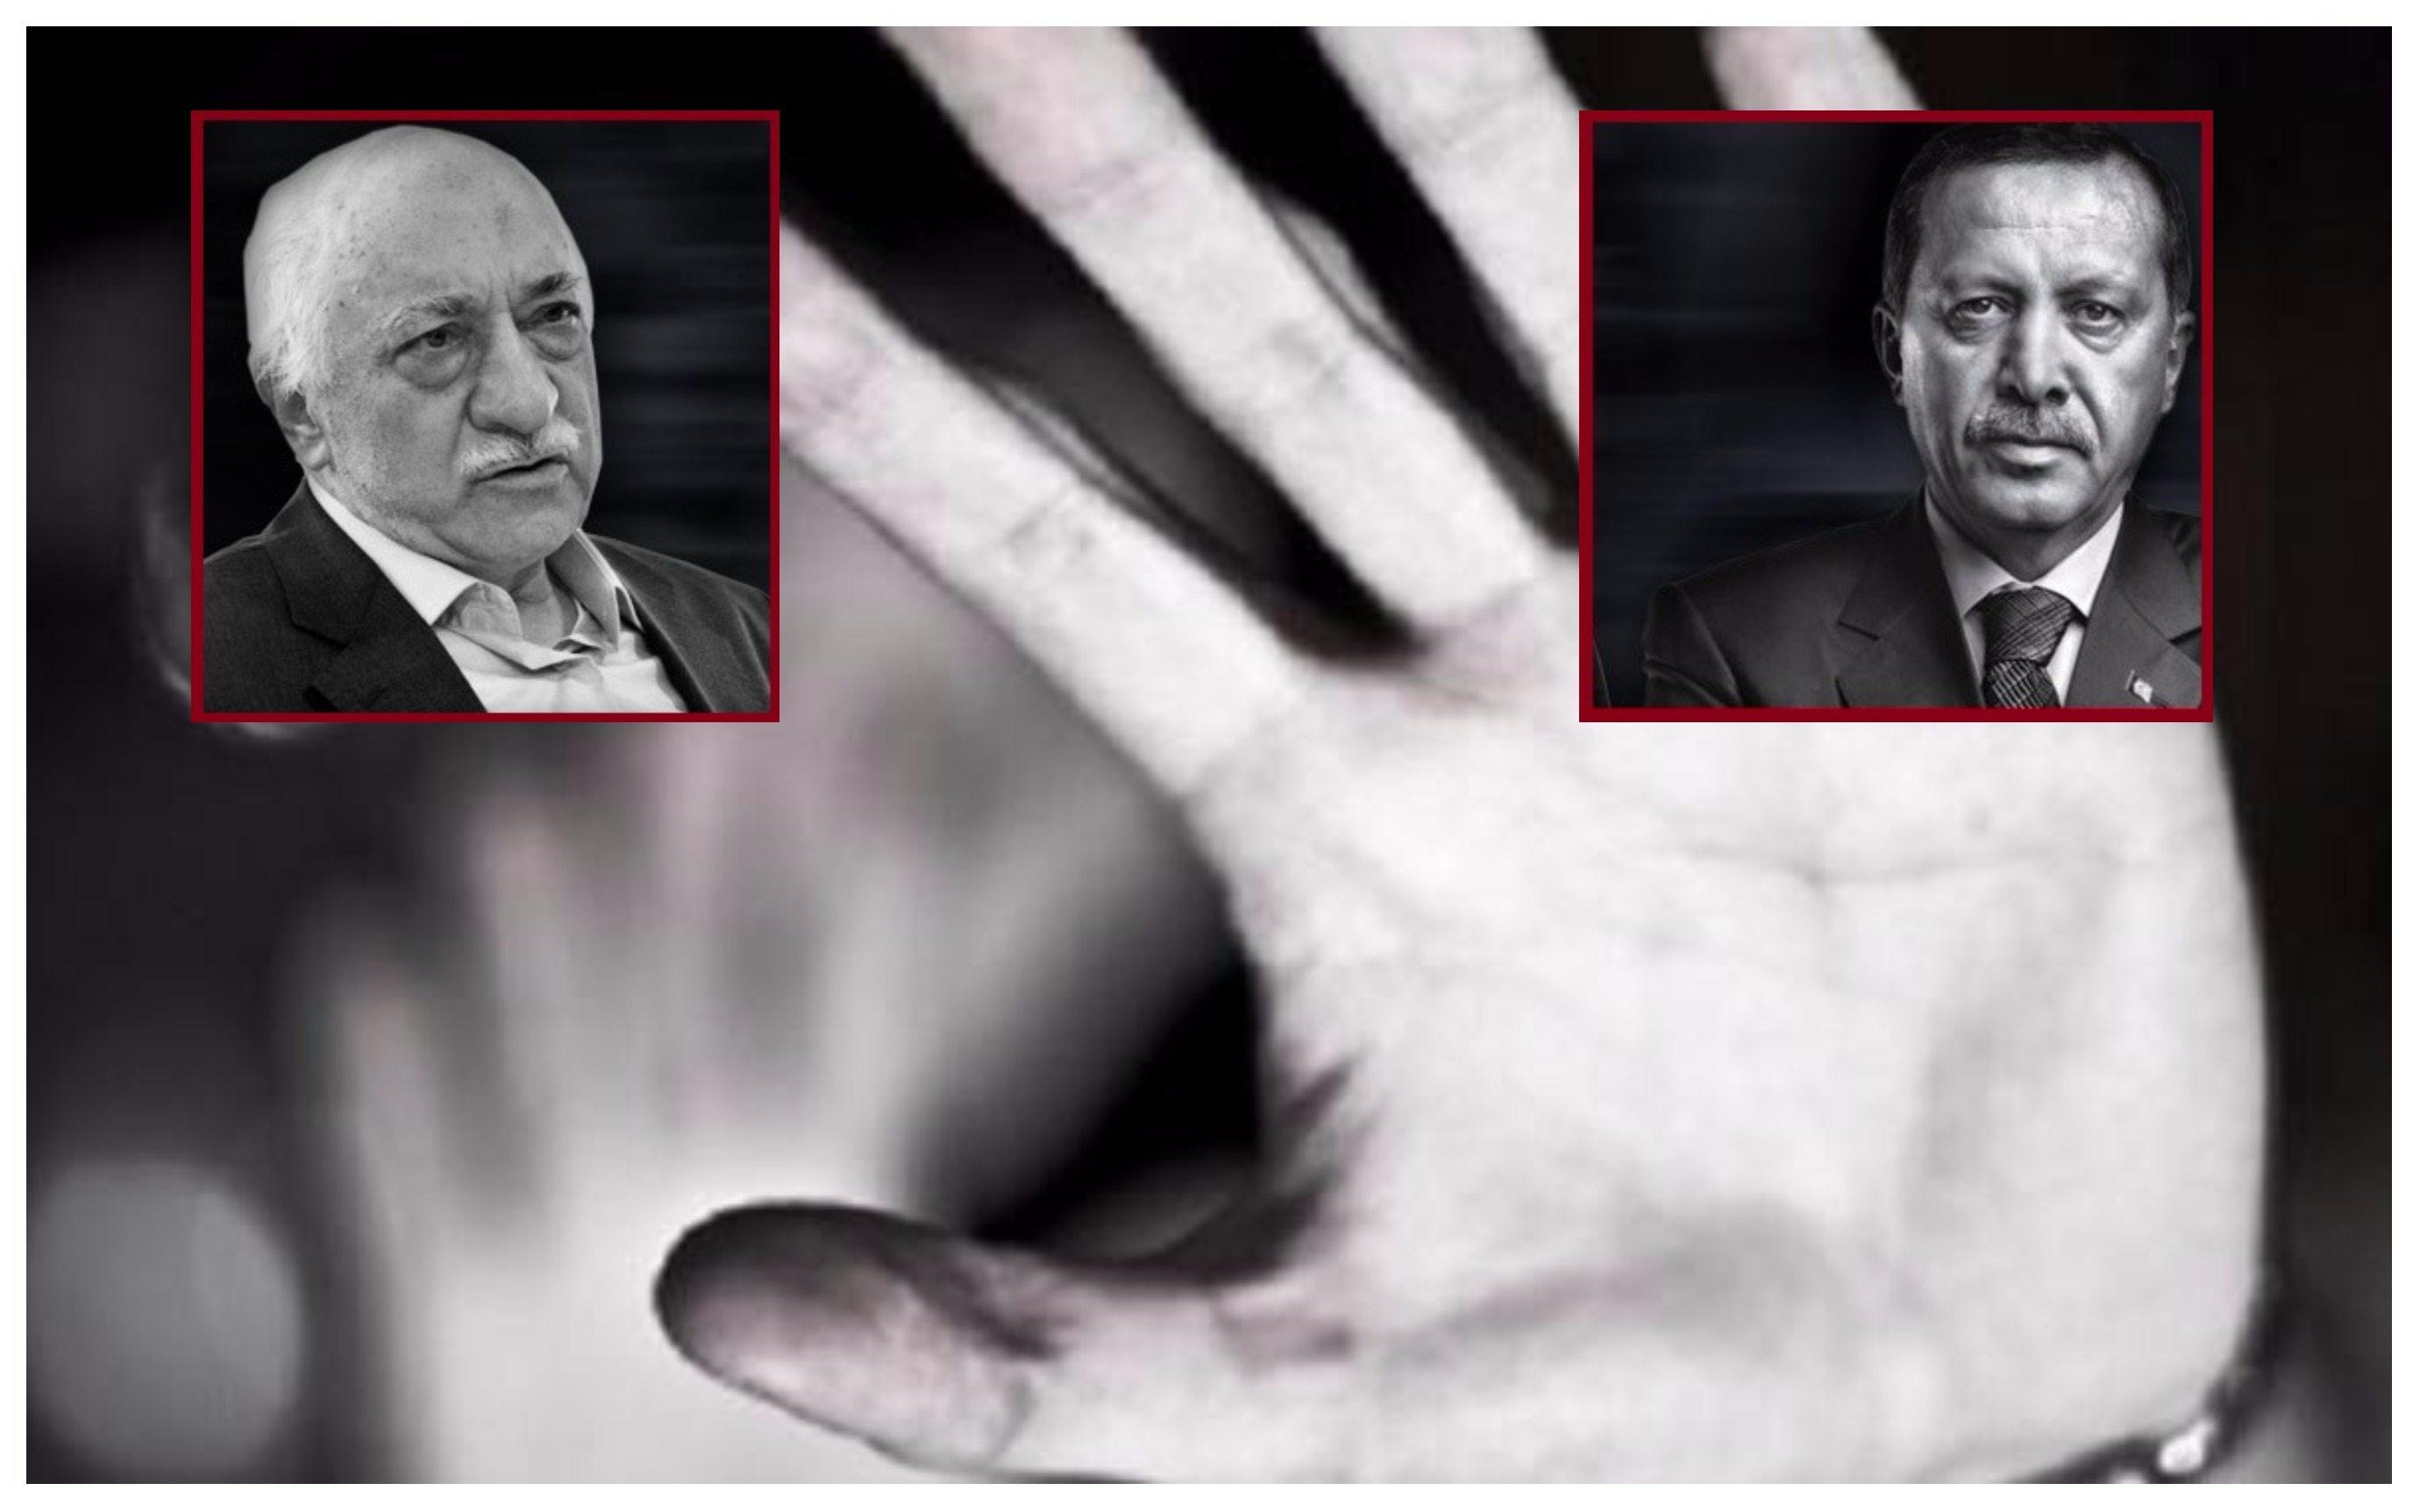 Manifesto Özel | AKP ve Cemaat'in örtbas ettiği tecavüz dosyası